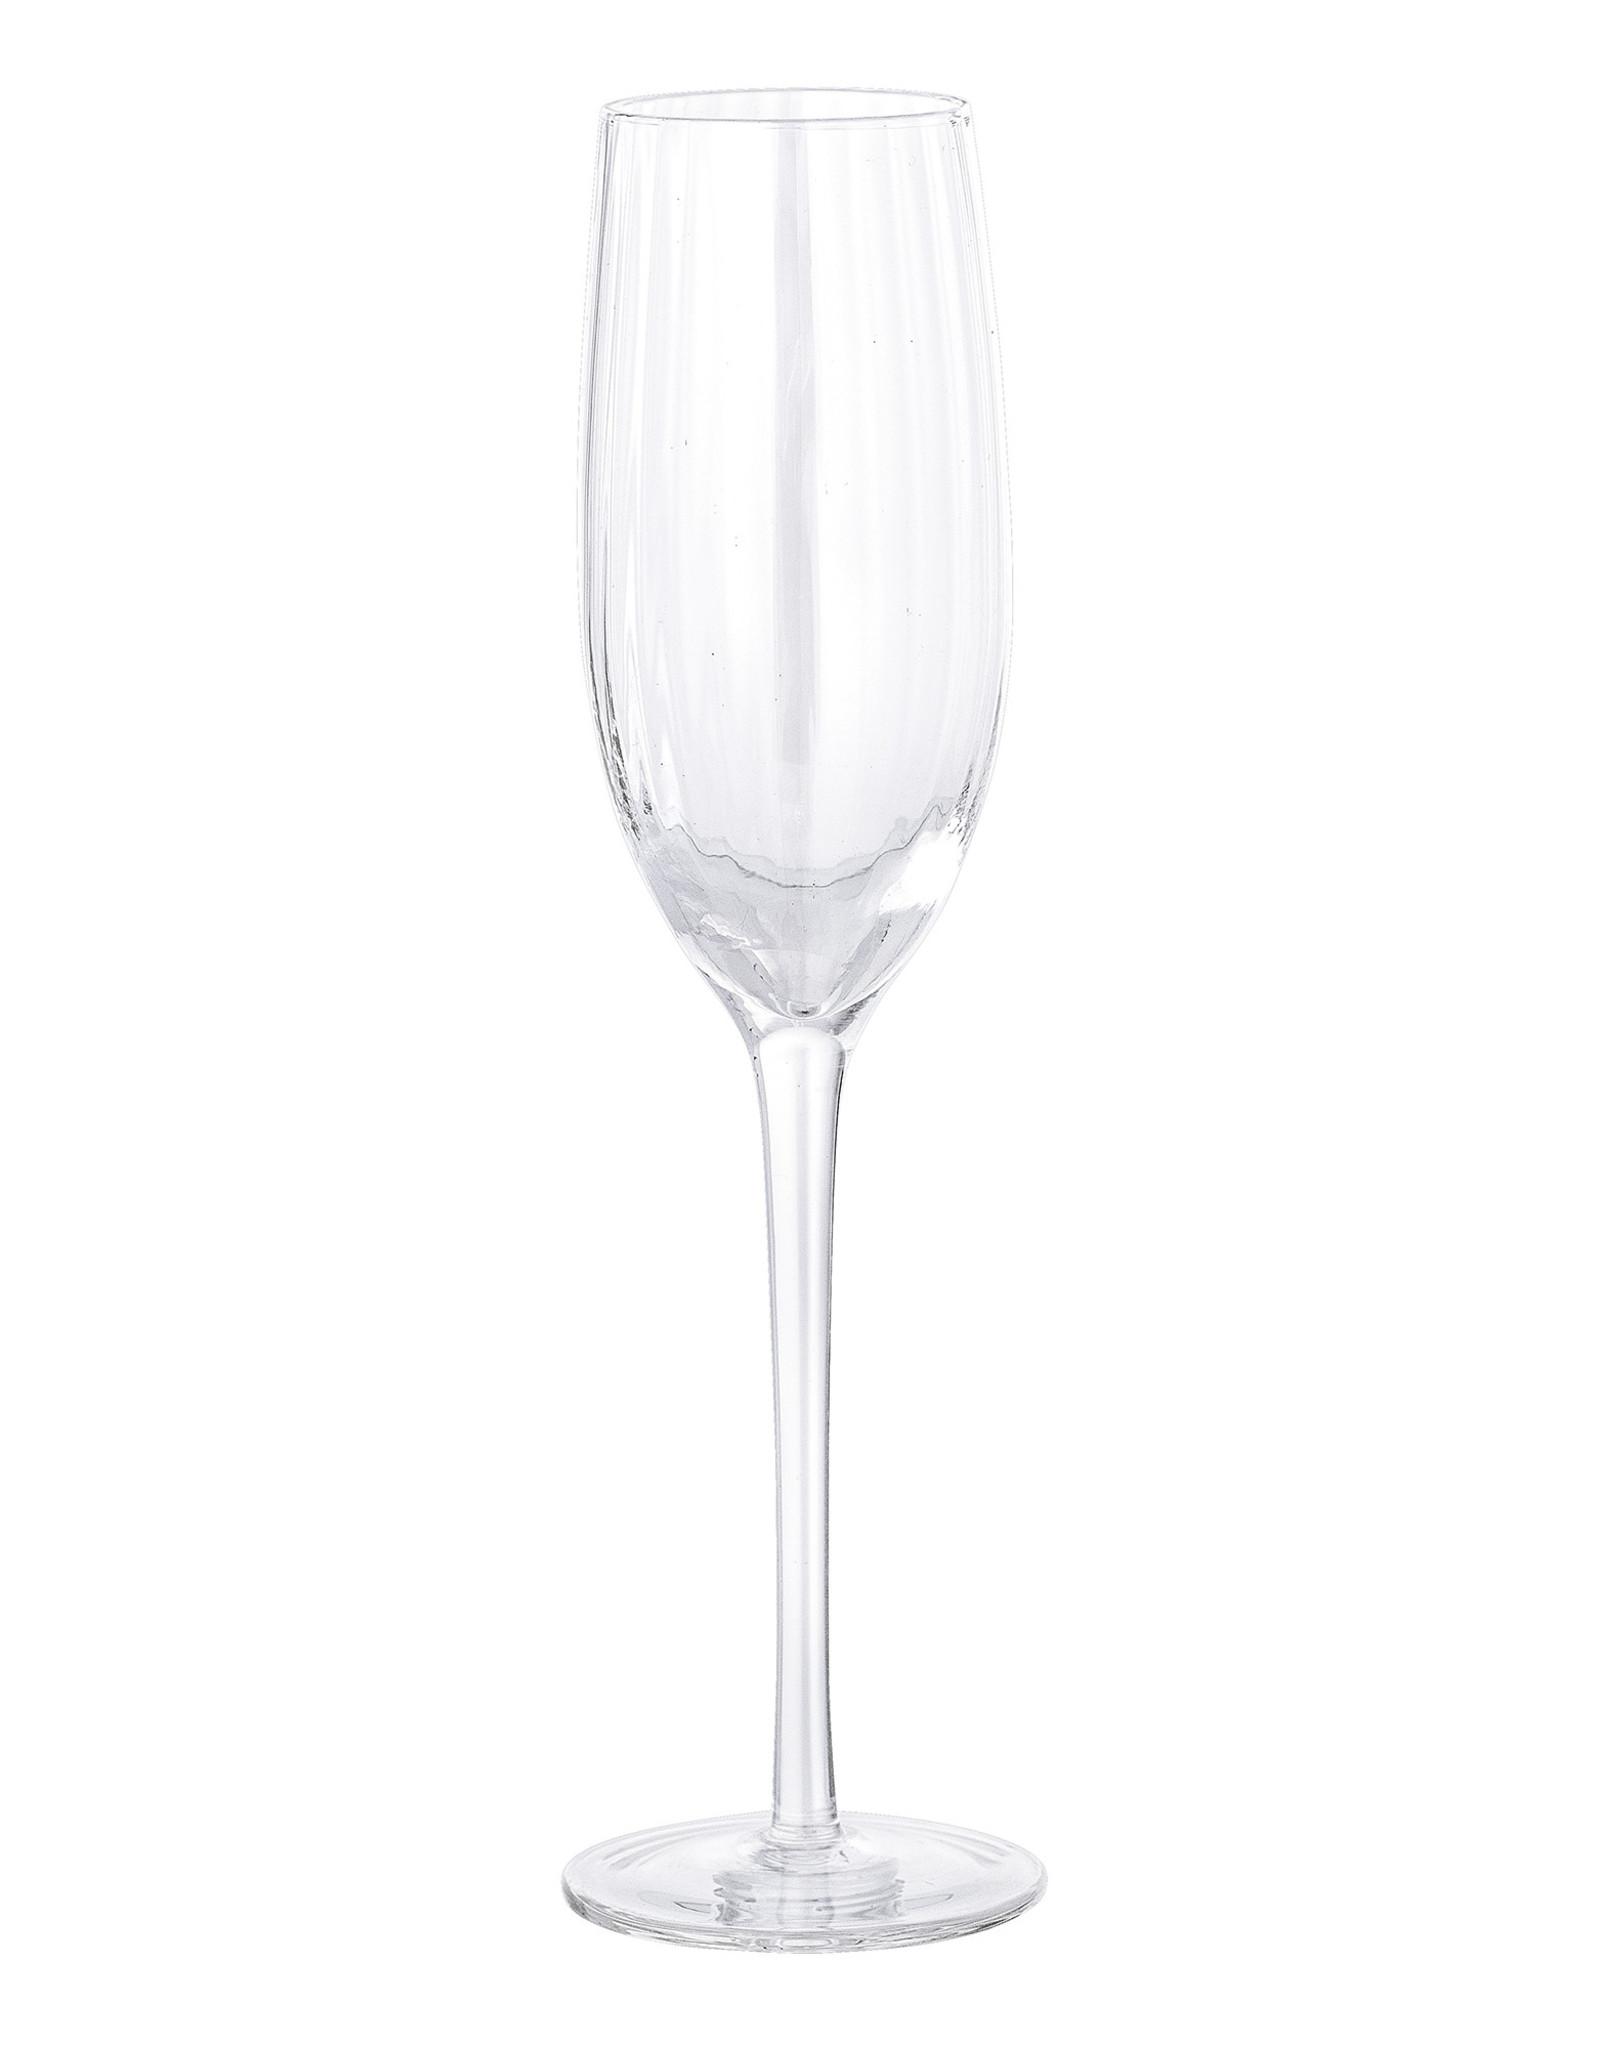 Bloomingville Bloomingville Astrid Champagneglas Helder Glas - Set van 6